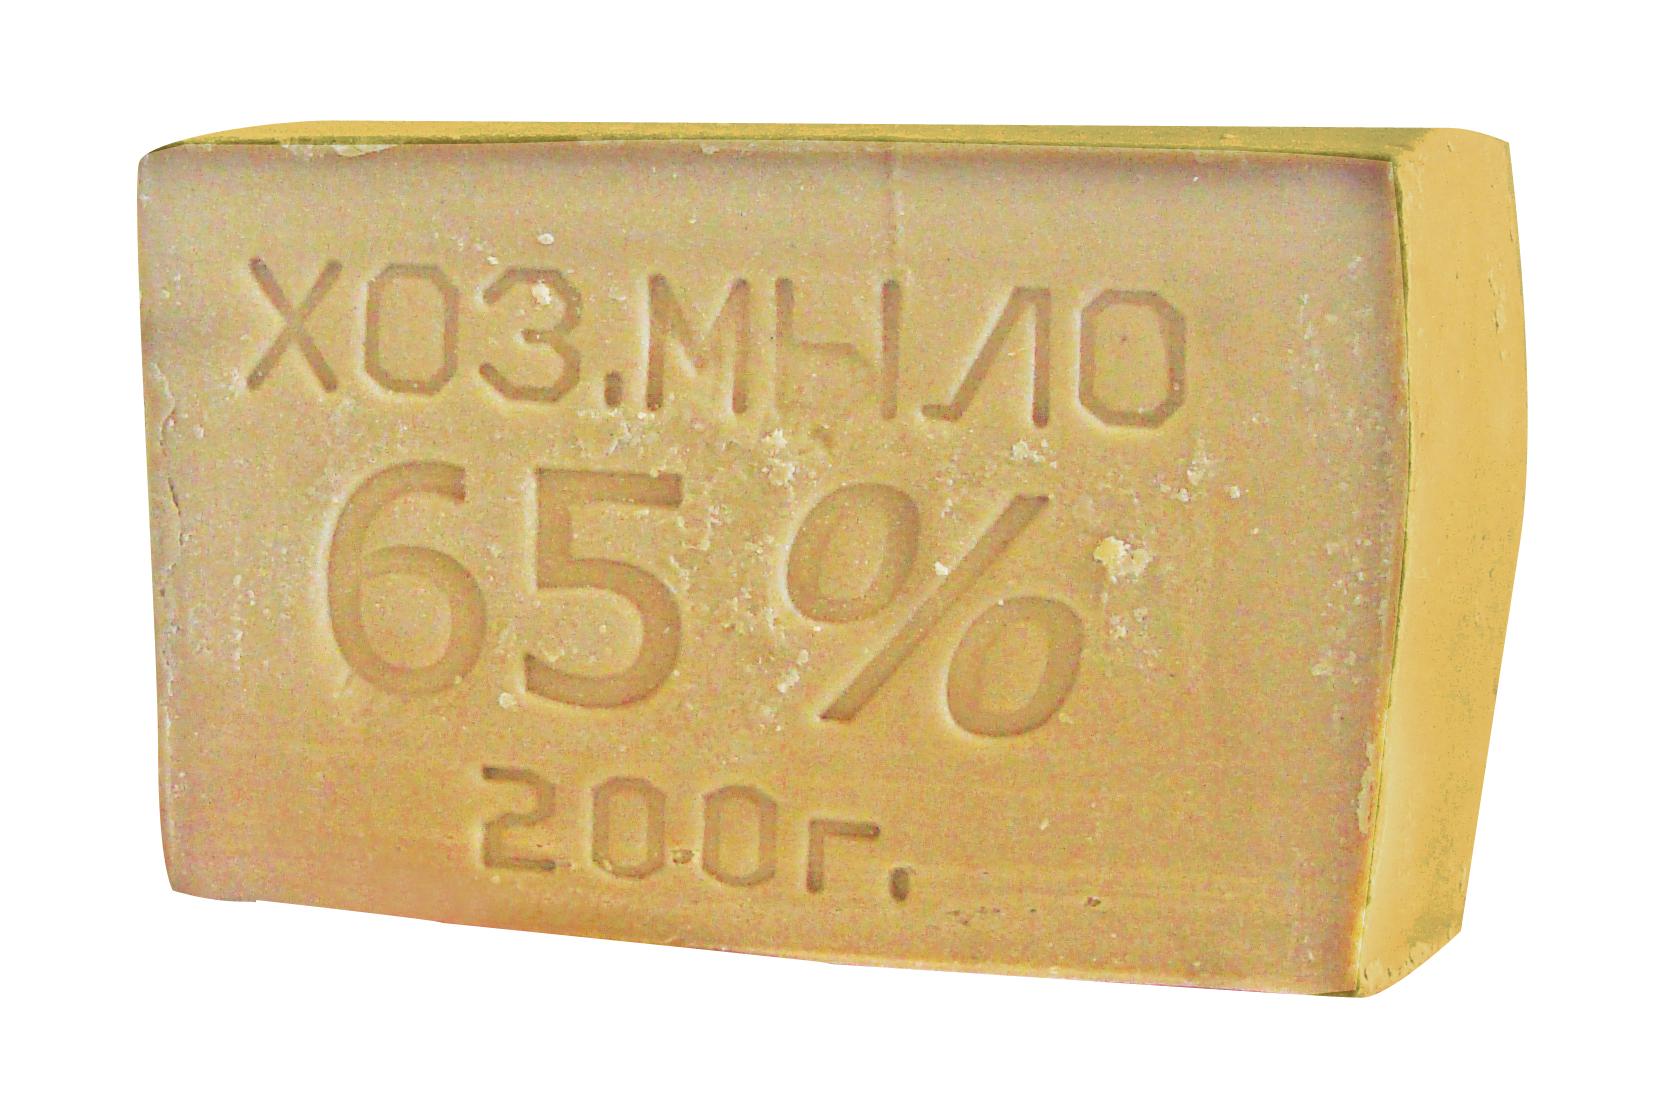 Хозяйственное мыло 65% 200 гр.